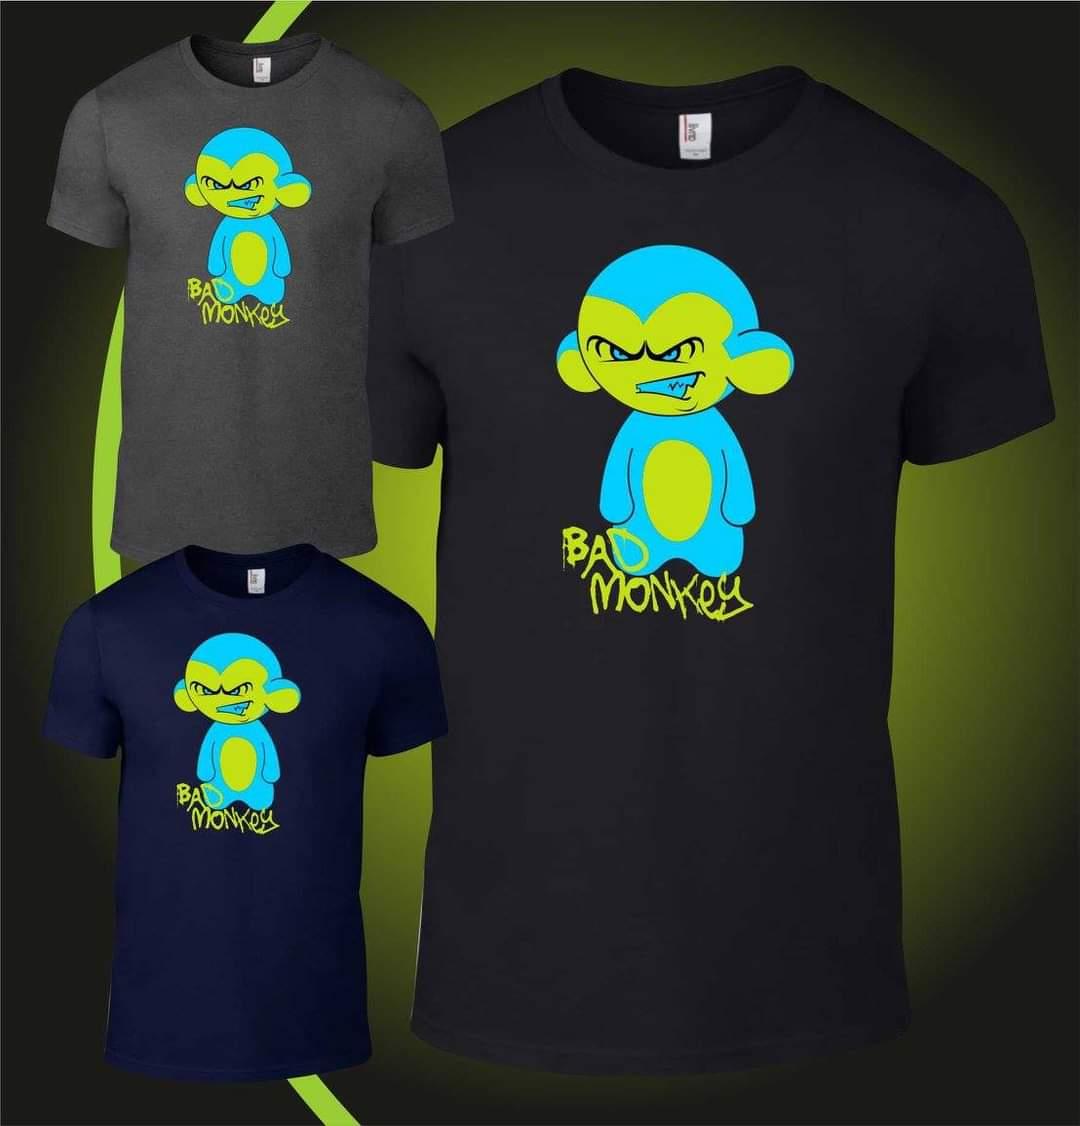 TINY Gecko  Creative designs your way #87RT #SocialTrend #ATSocialMedia #UKSmallBiz #flockBN #smallbizuk #ukbiz #tshirtdesign #smallbusines #tshirtdesigner #graphictshirt #funnytshirt #printedtshirt #tshirtprint #customprints #teeshirt #tshirtbusiness #tees #tshirts https://t.co/rvCukOYixs